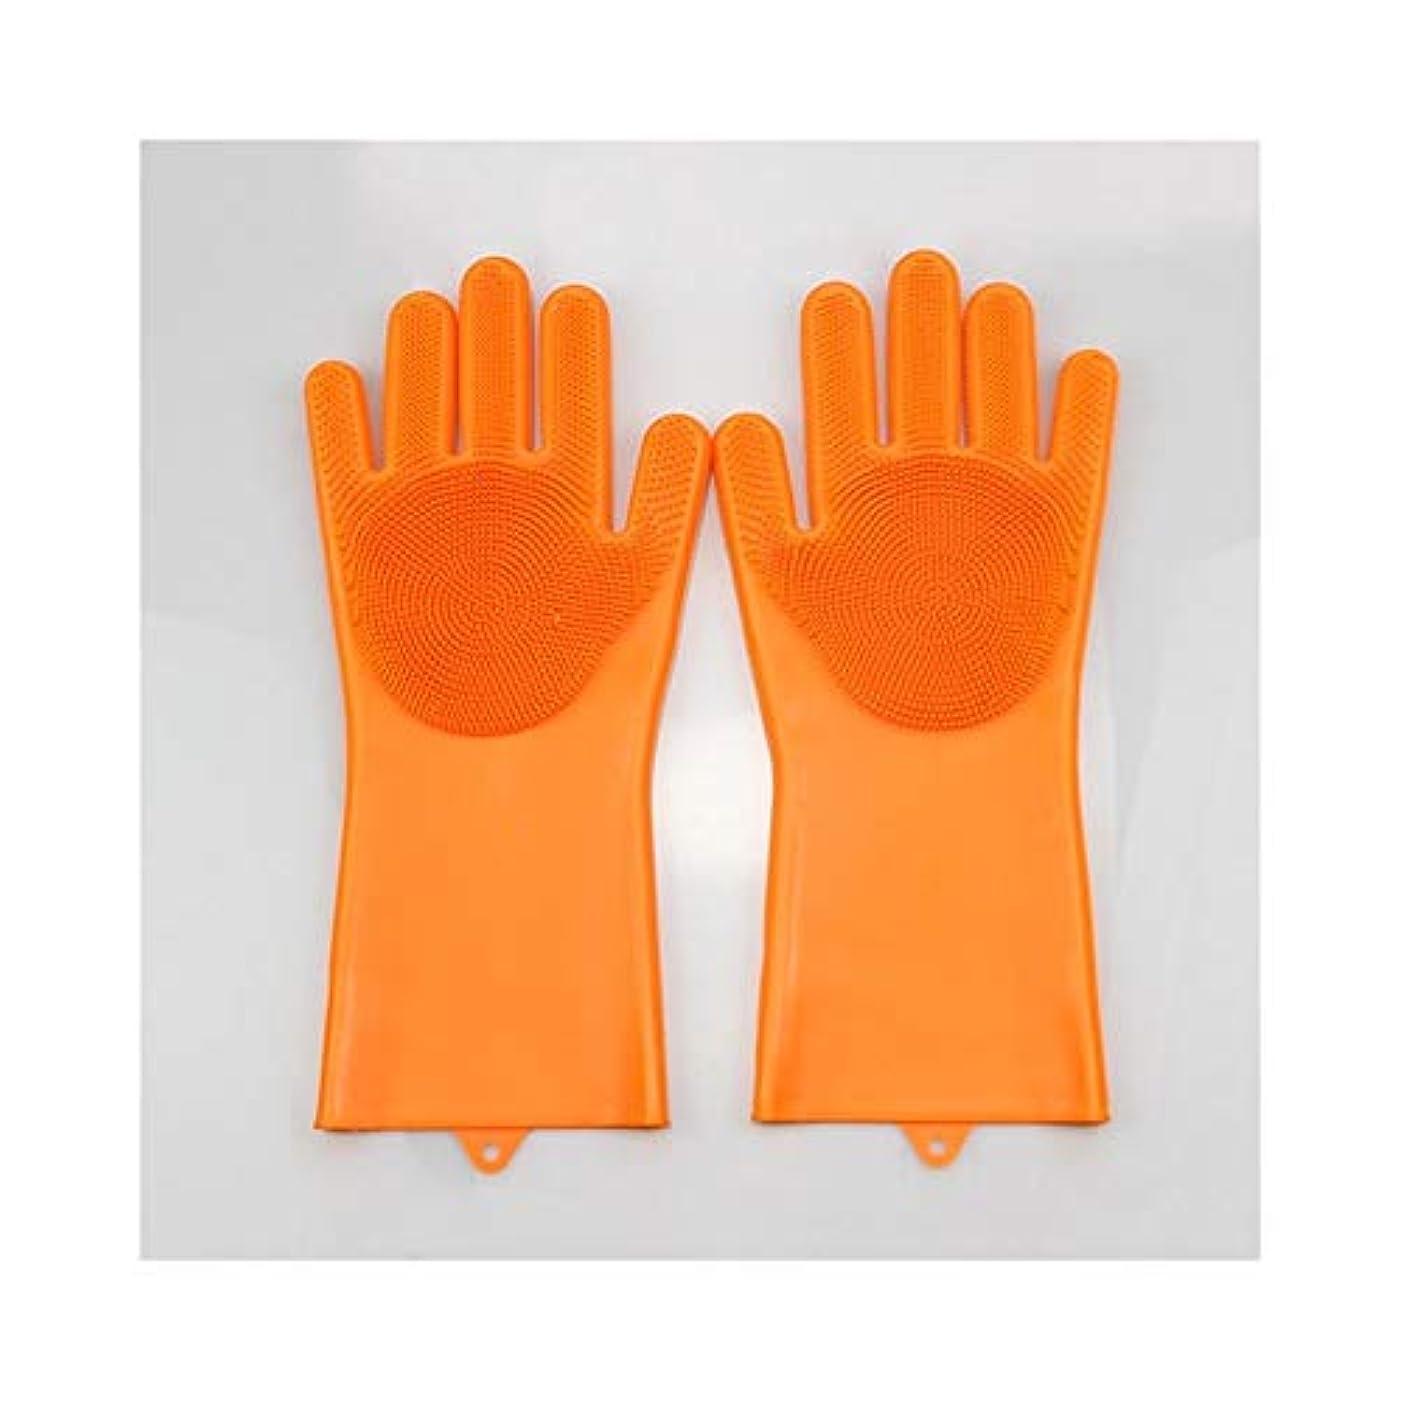 複雑でない先史時代の堂々たるBTXXYJP キッチン用手袋 手袋 掃除用 ロング 耐摩耗 食器洗い 作業 掃除 炊事 食器洗い 園芸 洗車 防水 手袋 (Color : Orange, Size : L)